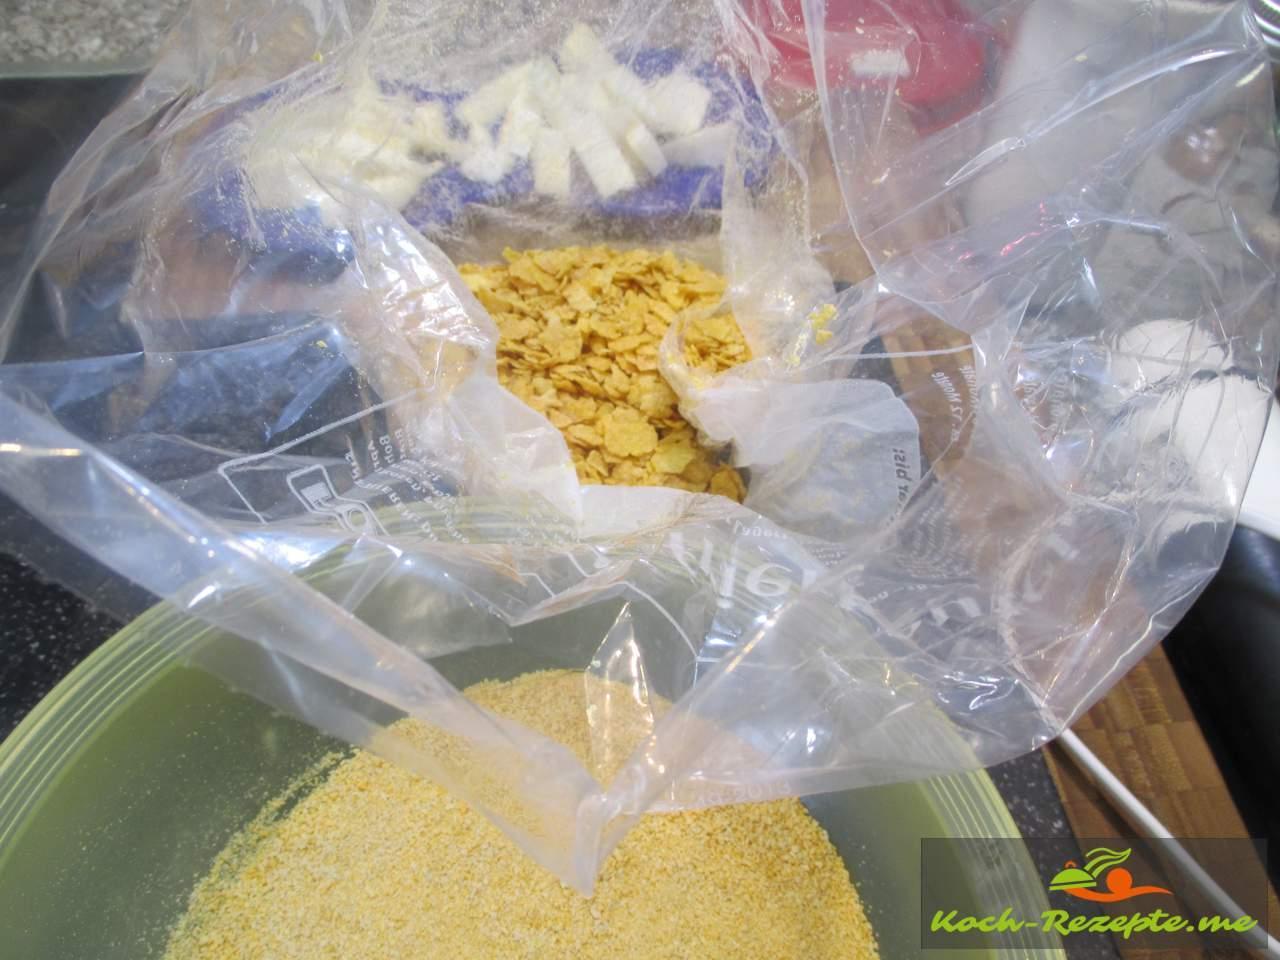 Die Kornflakes zerkleinern in einem Beutel und unter das Paniermehl mischen